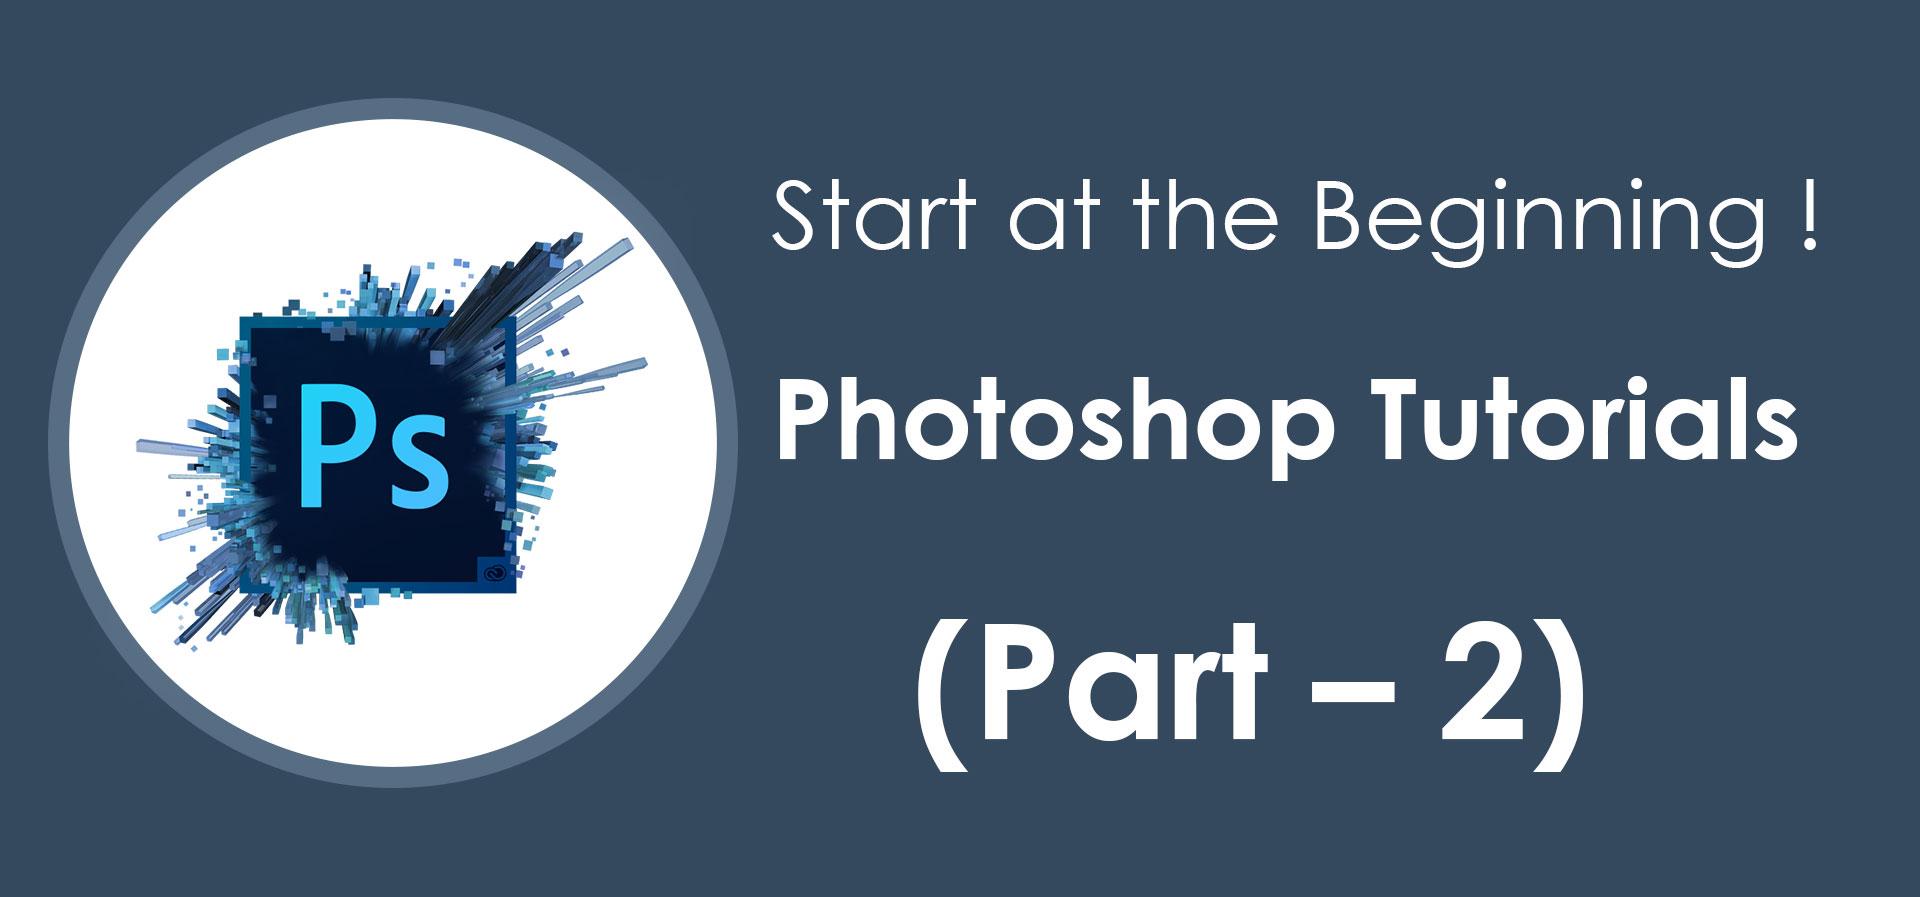 Start-at-the-Beginning-!-Photoshop-Tutorials-(Part-2)